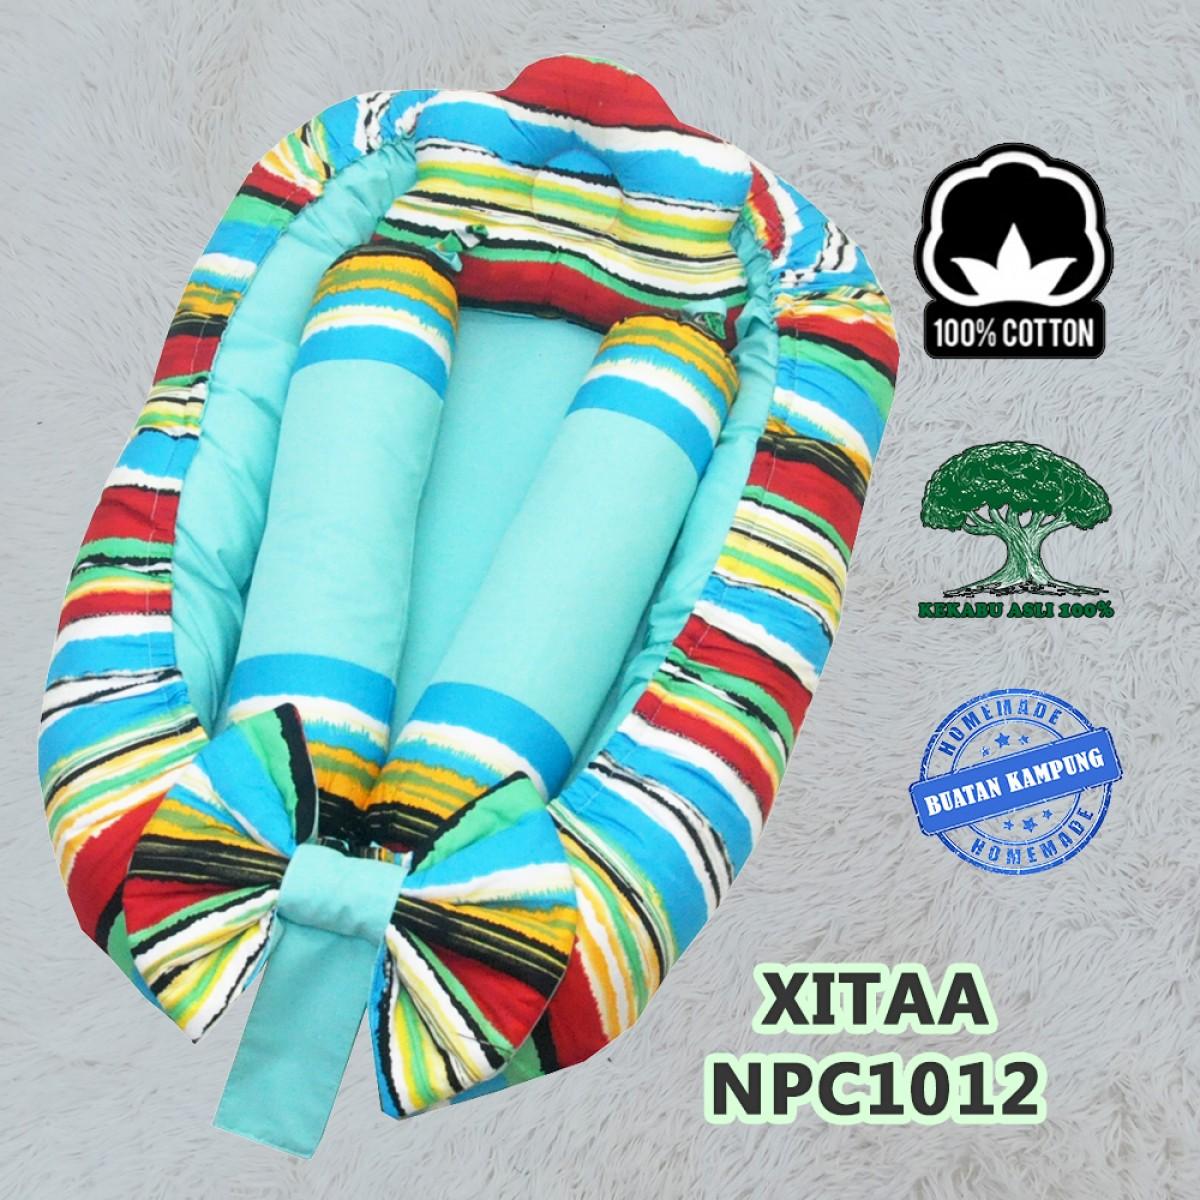 Xitaa - Kico Baby Center